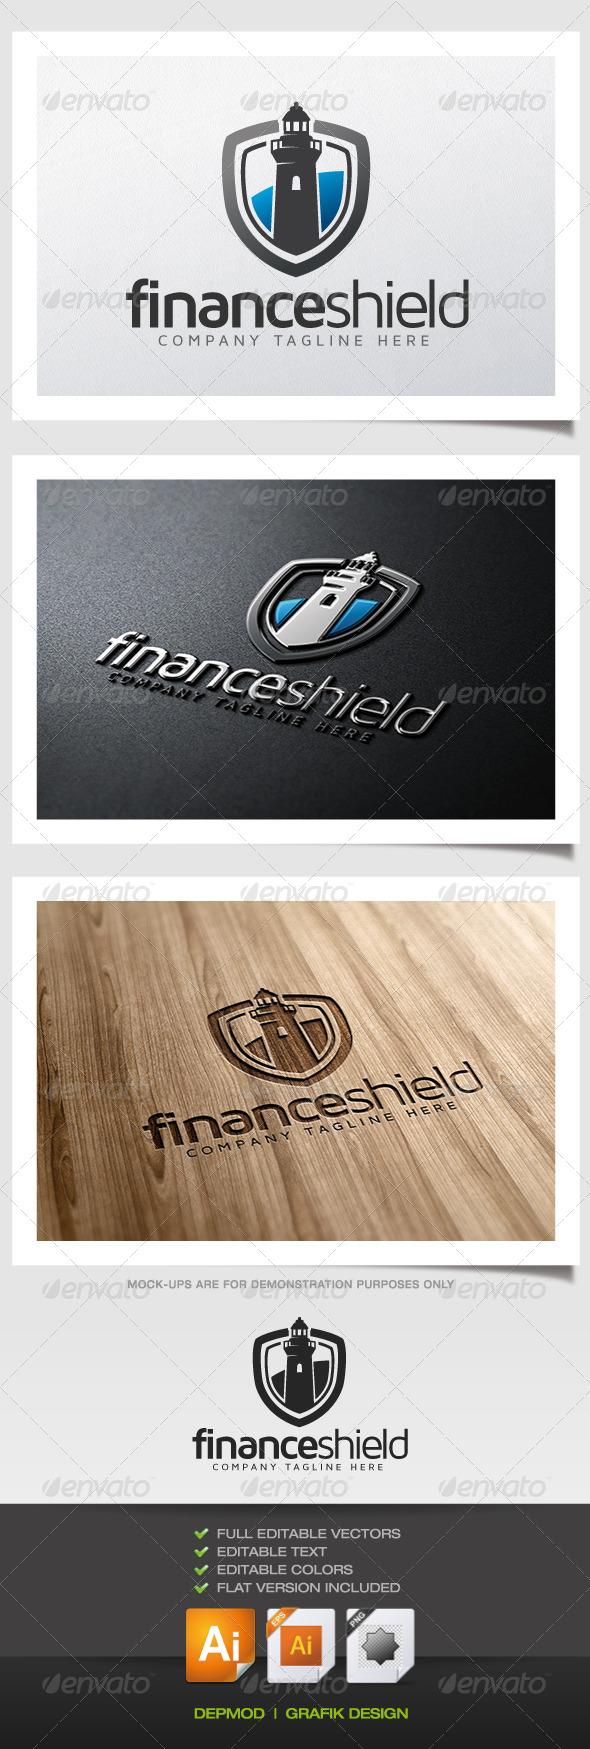 GraphicRiver Finance Shield Logo 5467918